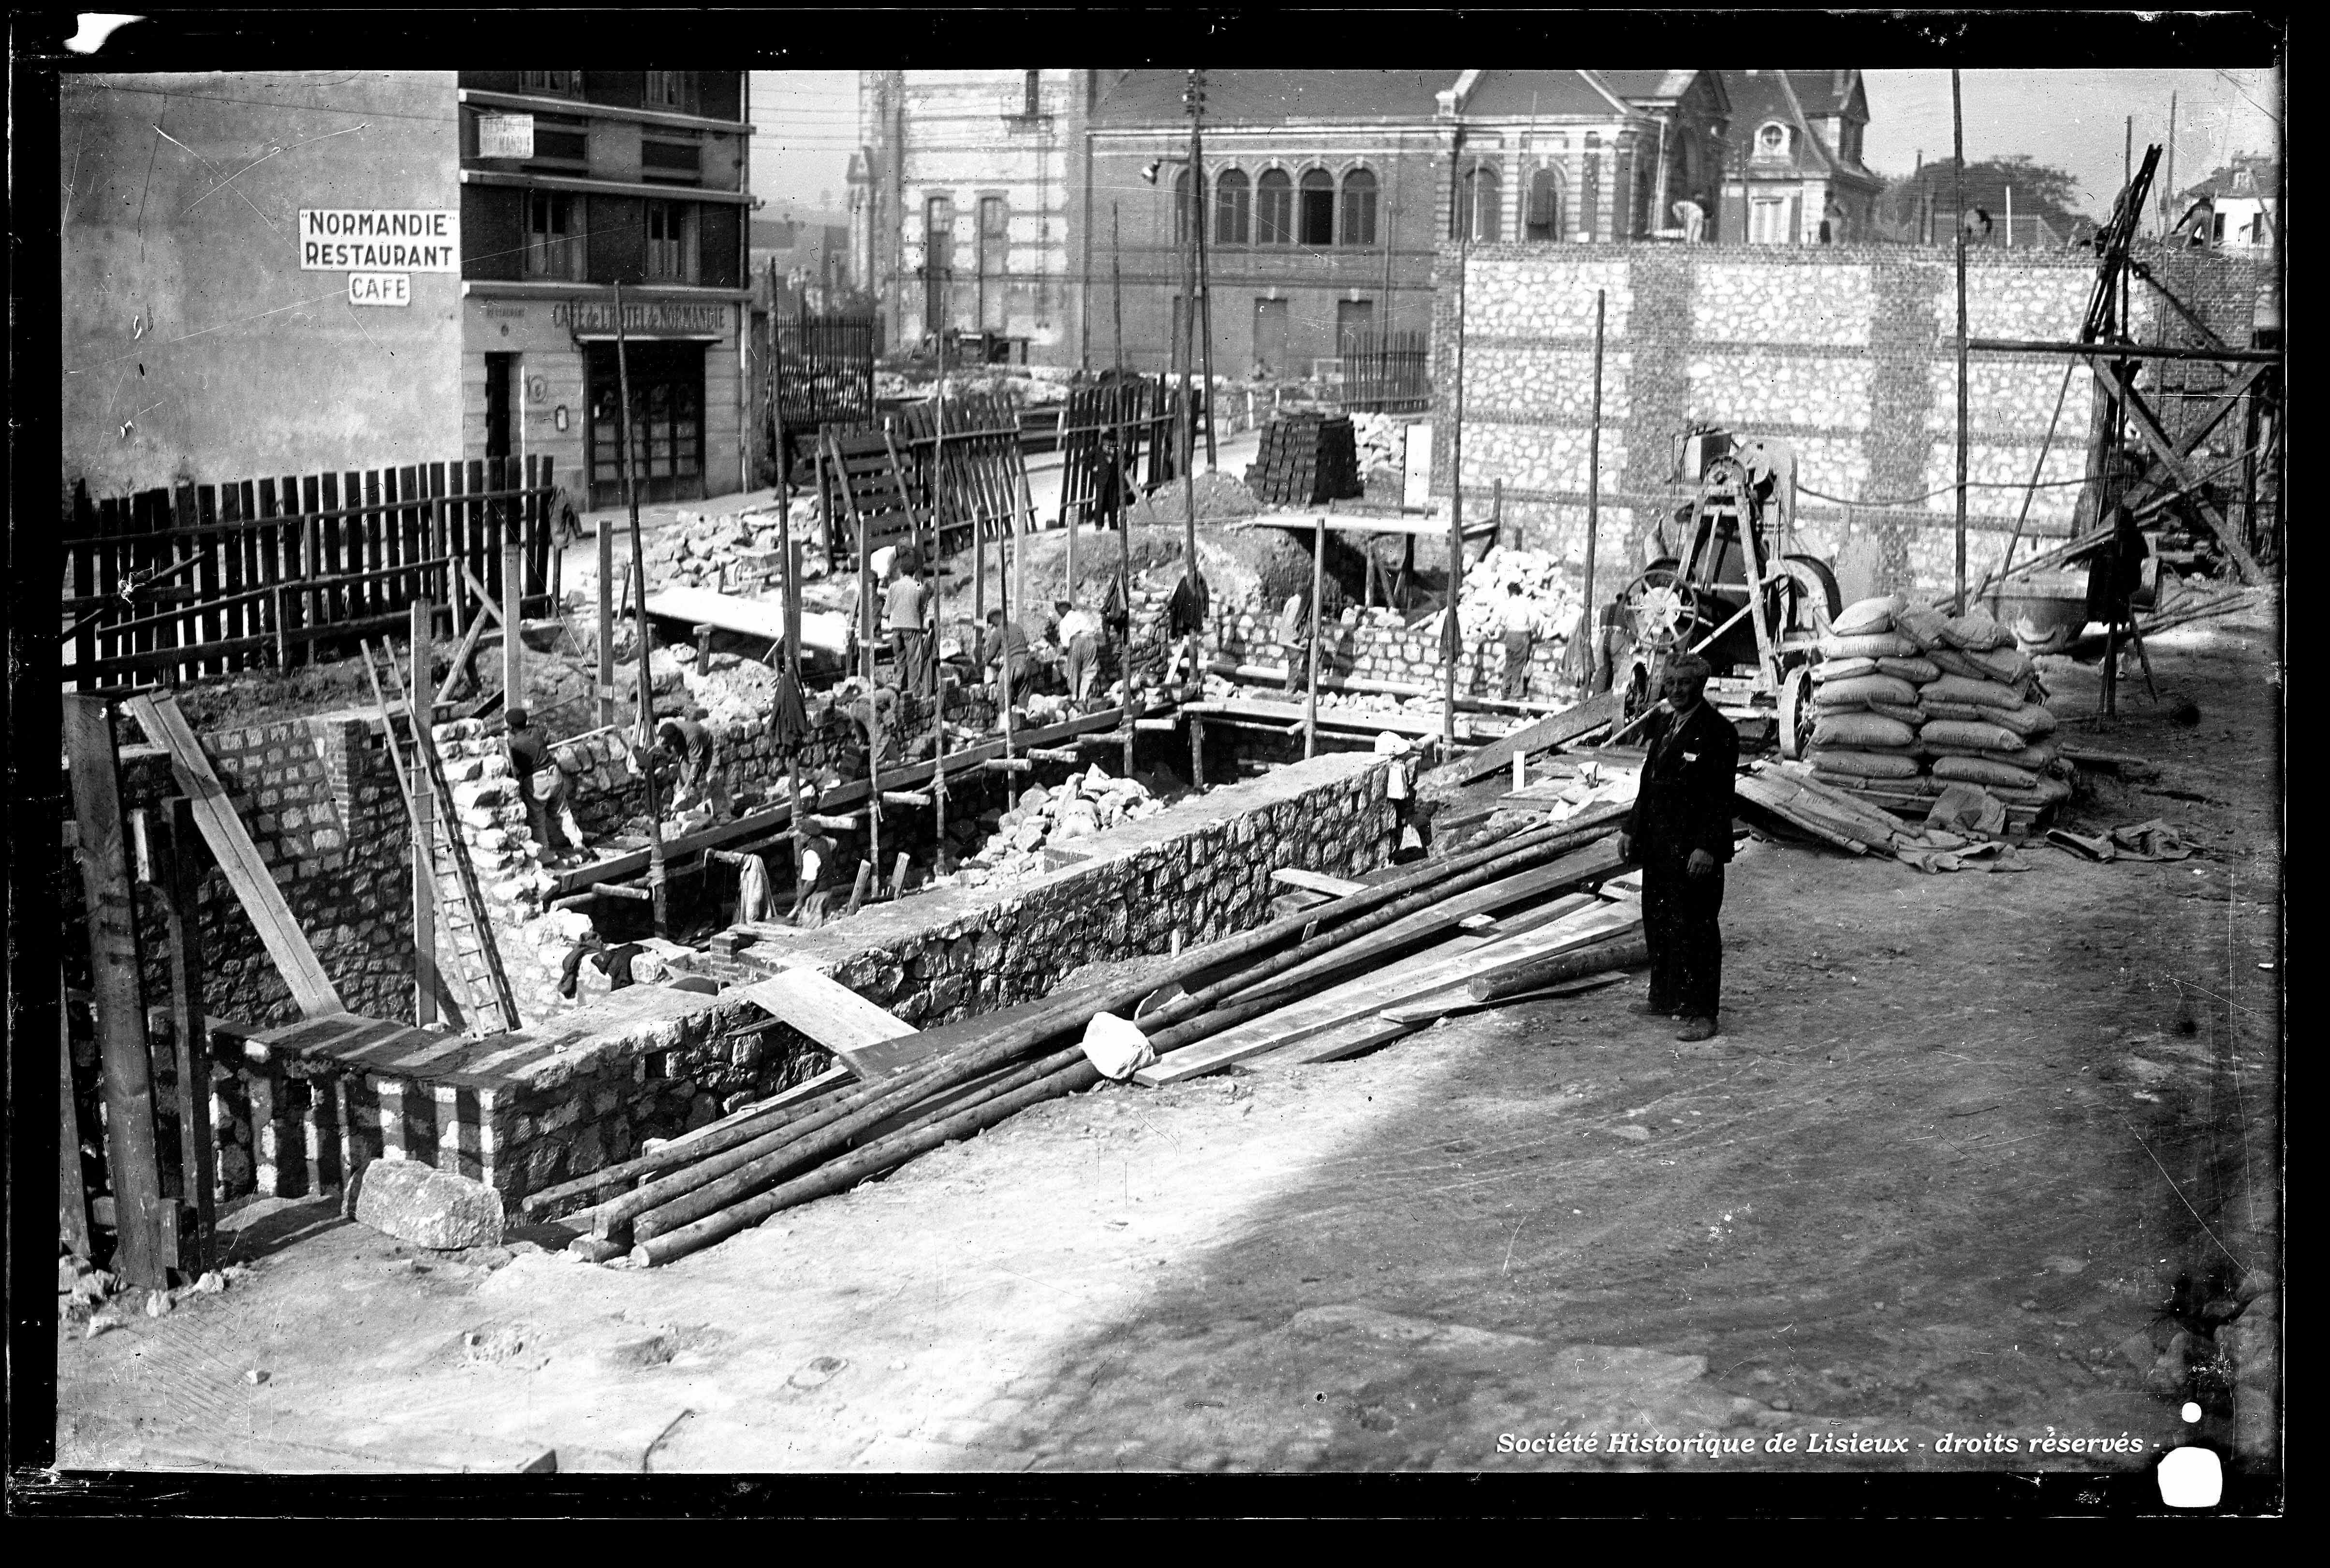 Chantier de construction entre la rue Aristide-Briand et la rue au Char (photos n°570, 1111, 1262 à 1265, 1267 et 1270)